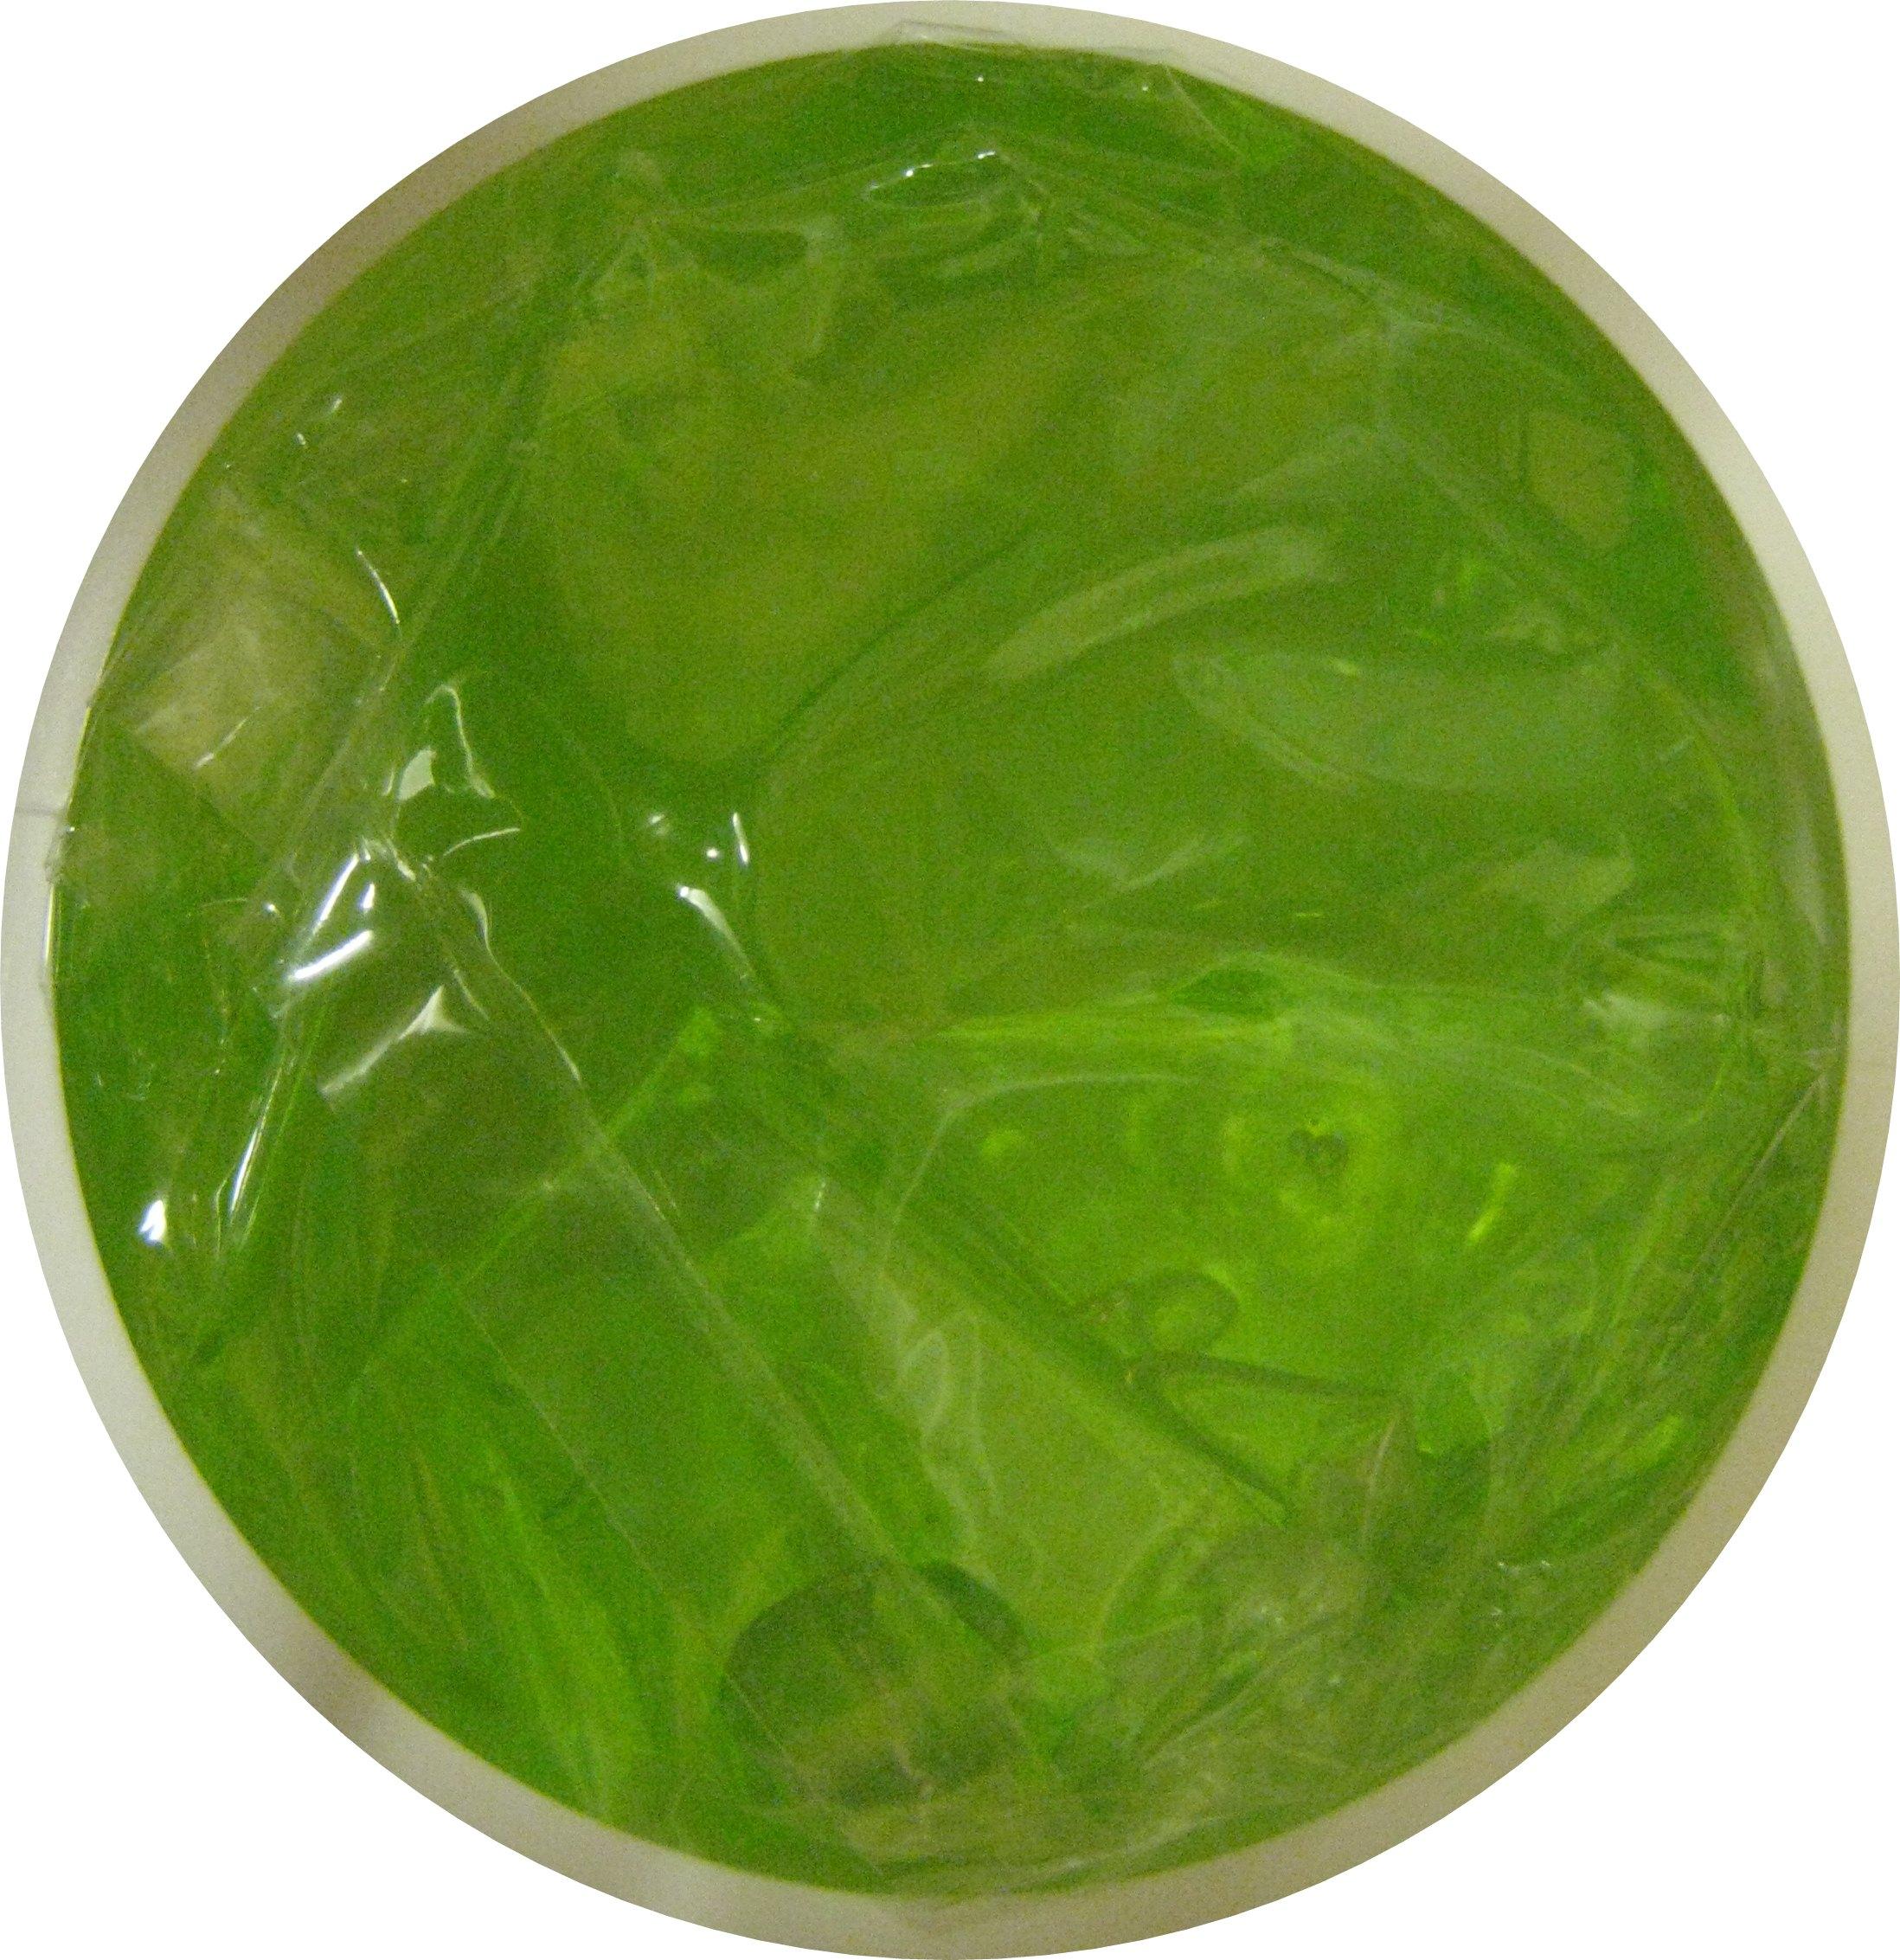 เจลว่านหางจระเข้ผสมชาเขียว เจลสำหรับนวดหน้า